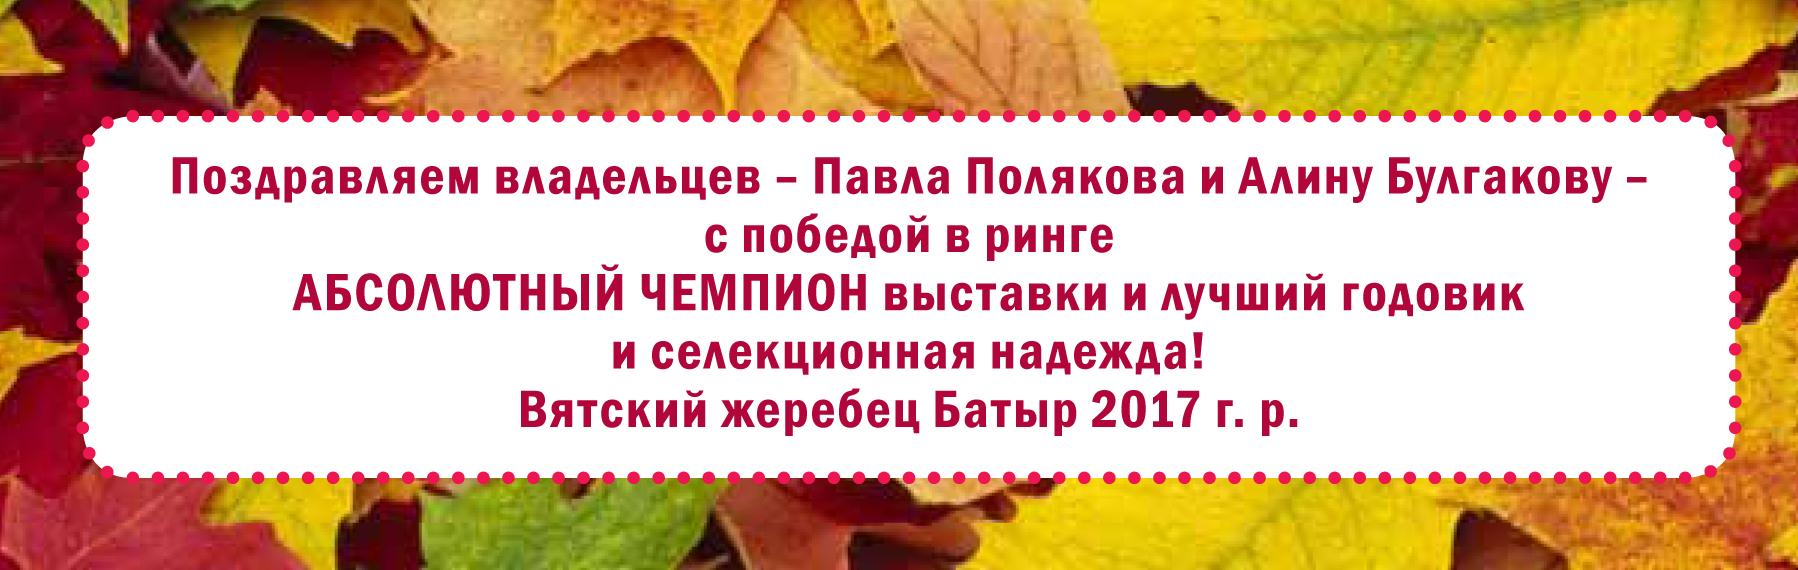 Book 5 2018 ДЛЯ САЙТА-6А